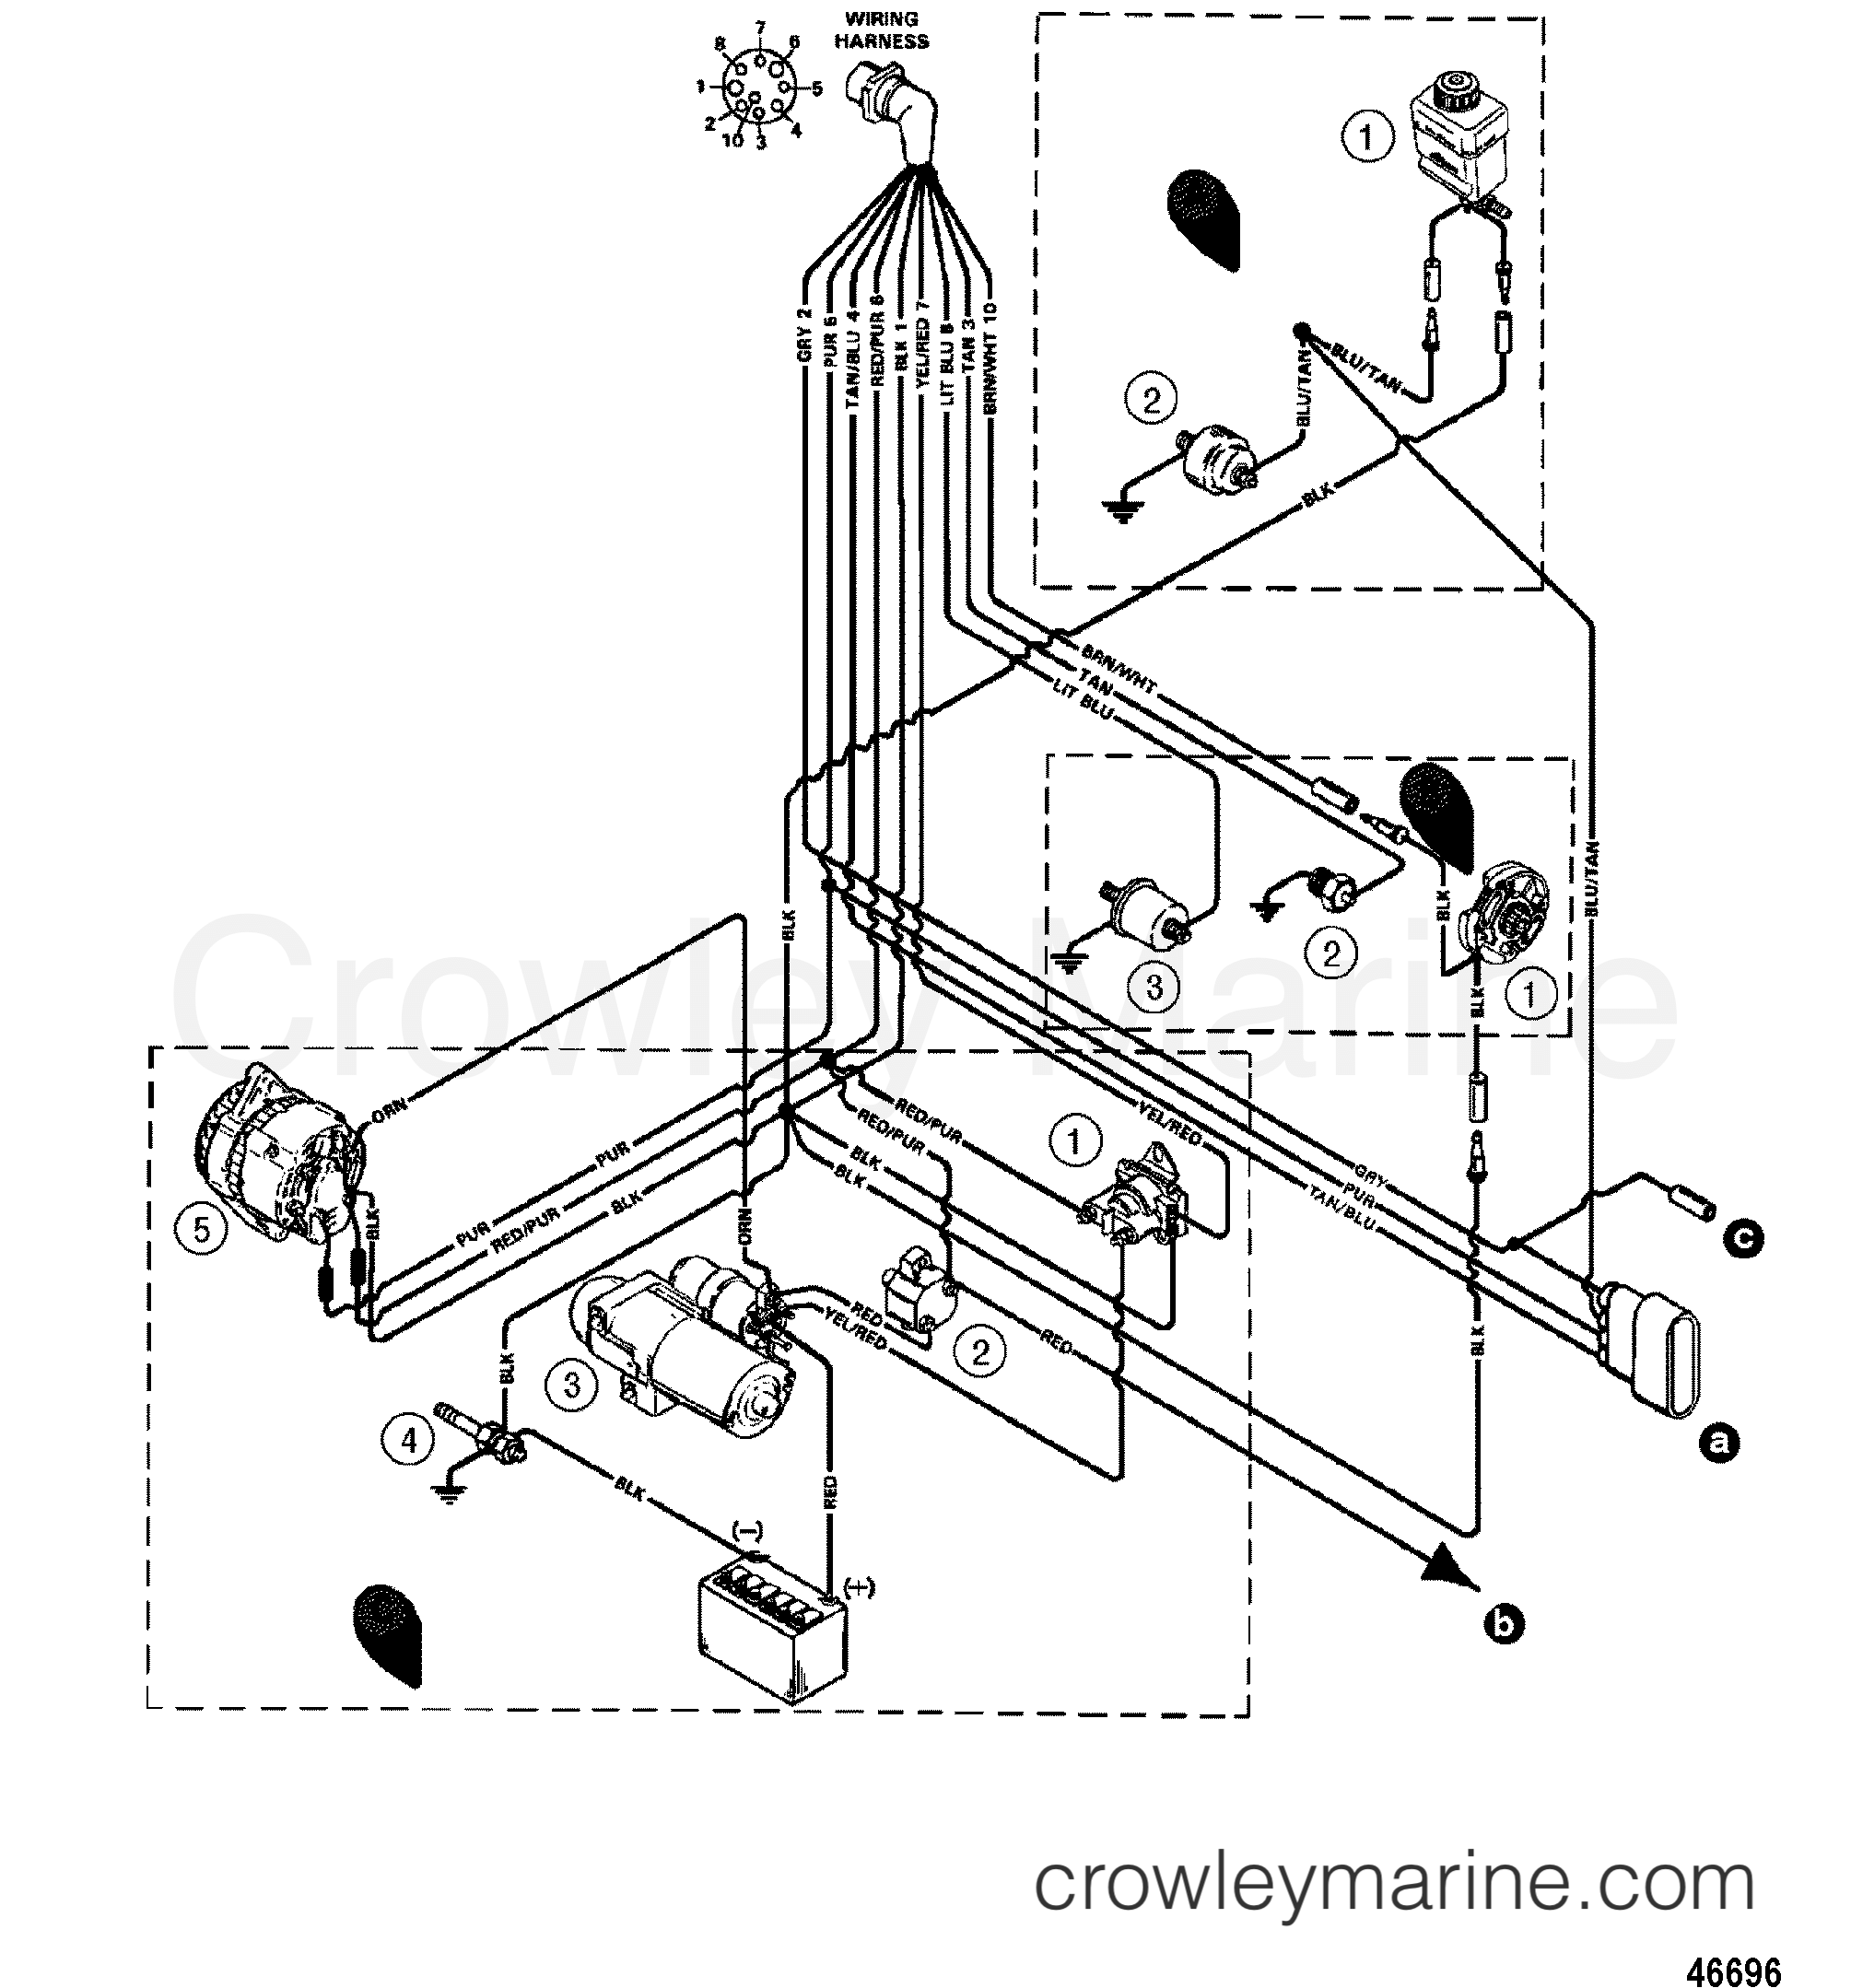 Mcm 165 Mercruiser Manual